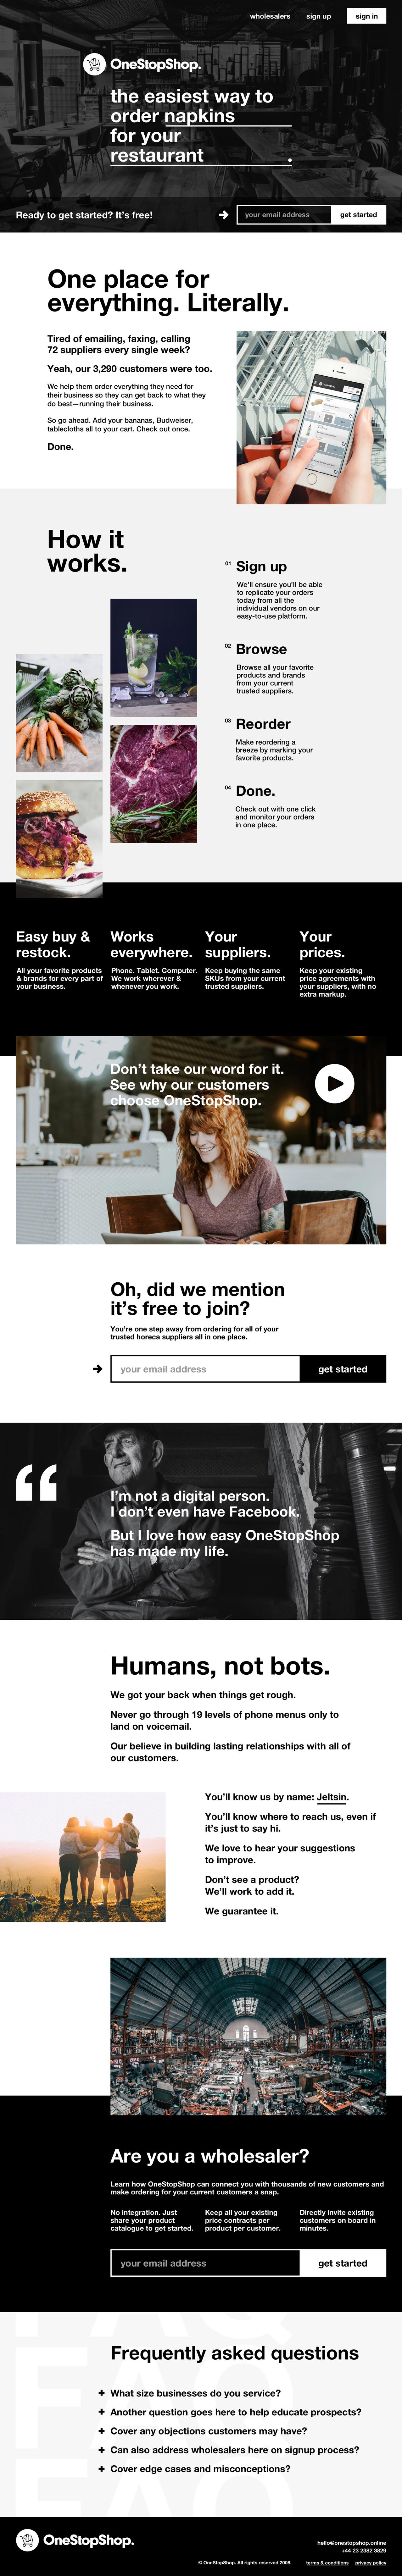 meng-he-oss-desktop